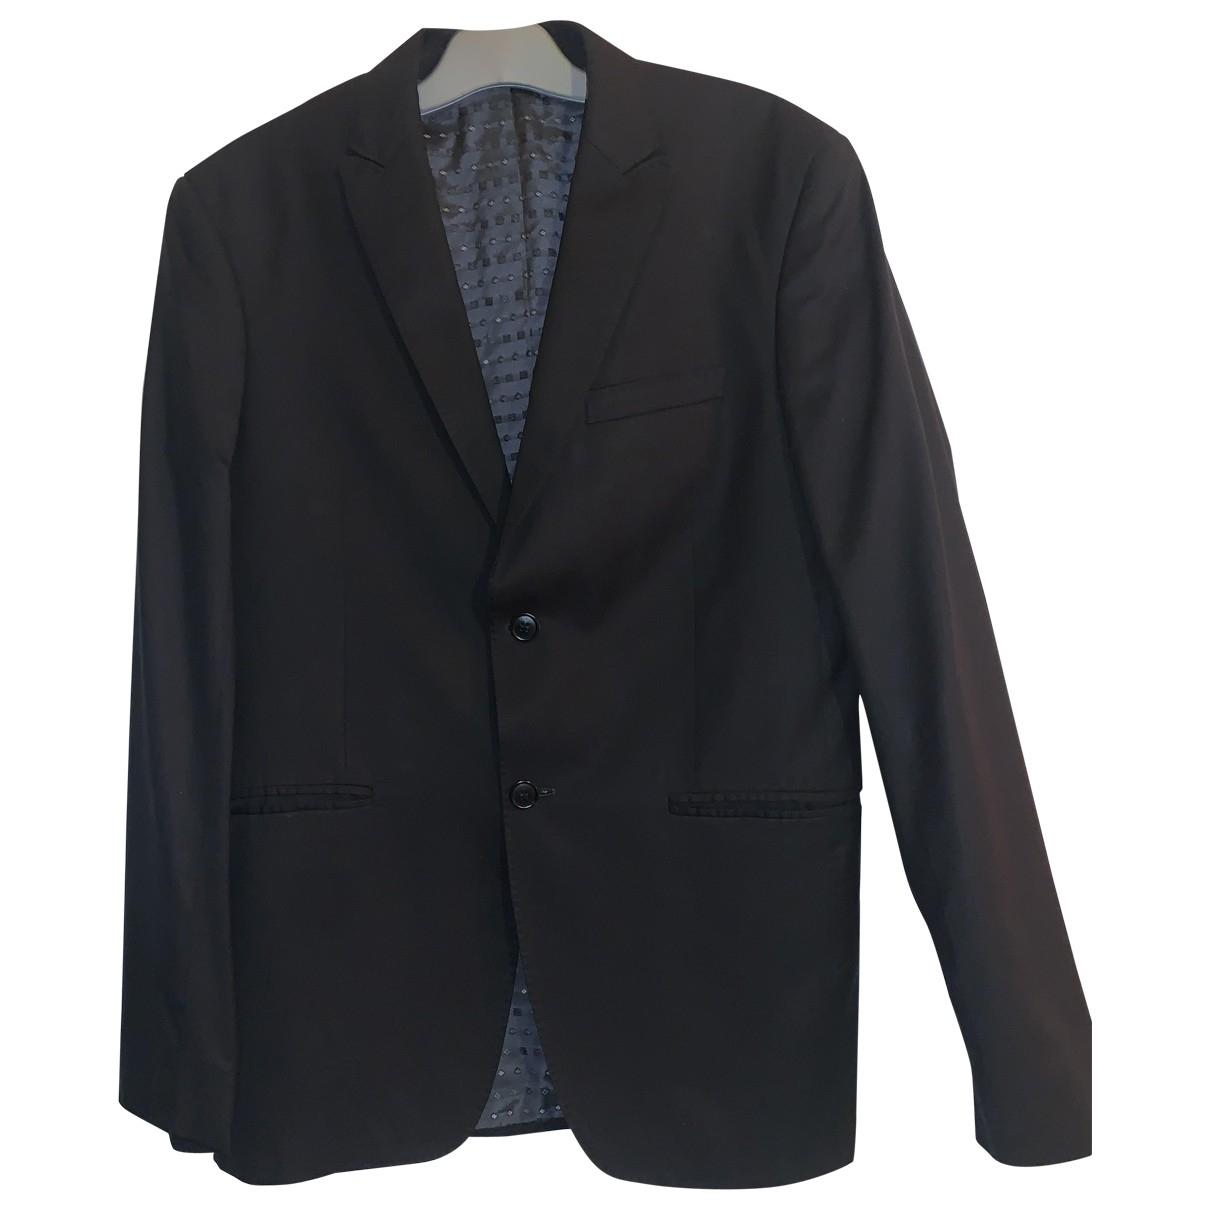 Kenzo - Vestes.Blousons   pour homme en laine - noir